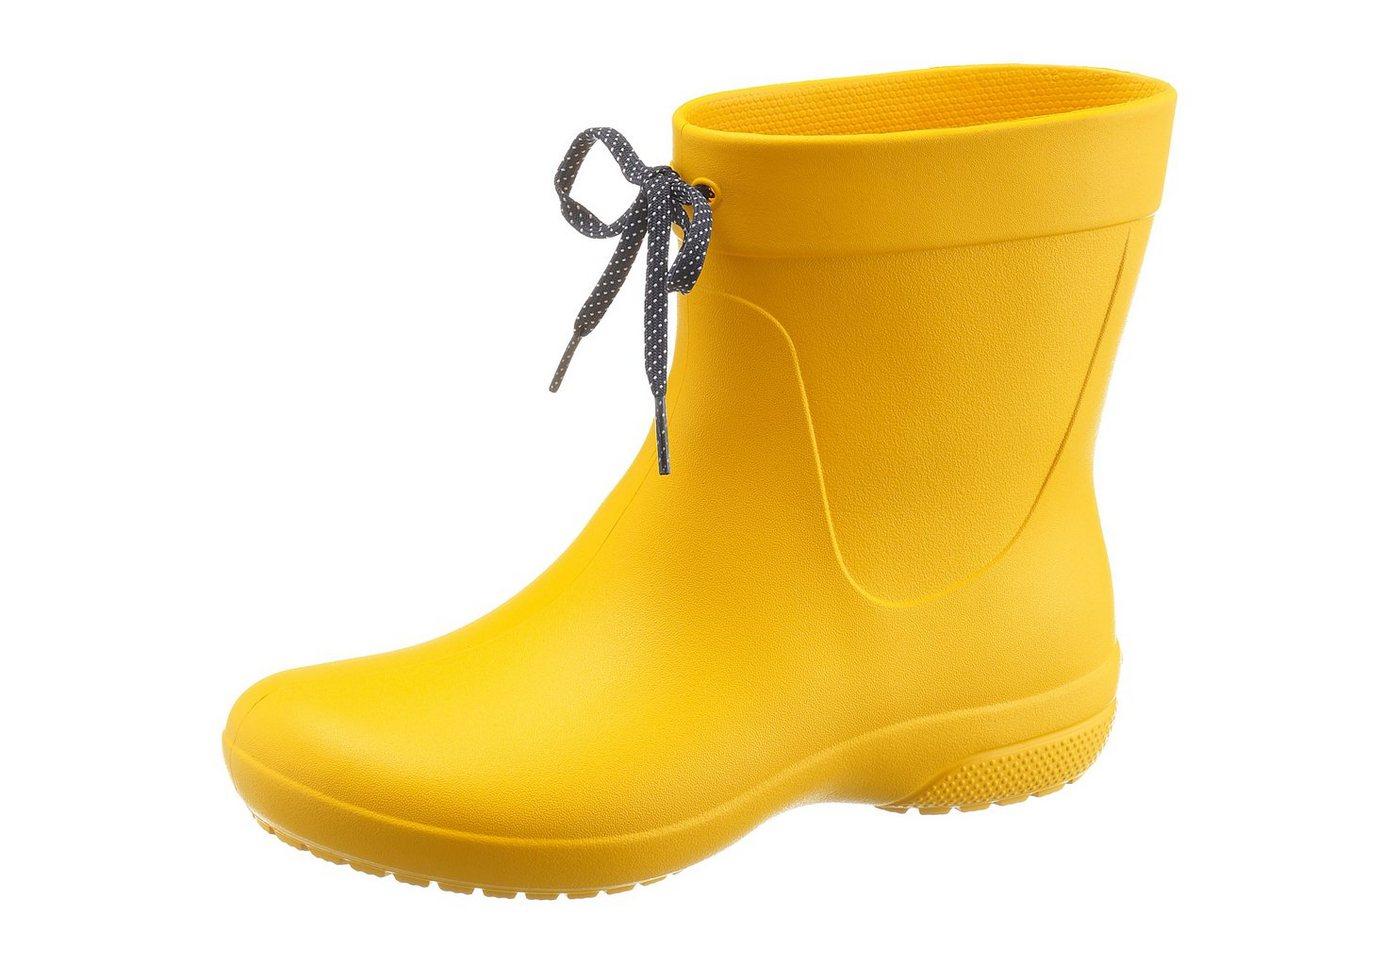 CROCS rubberlaarzen Crocs Freesail Shorty RainBoot online kopen